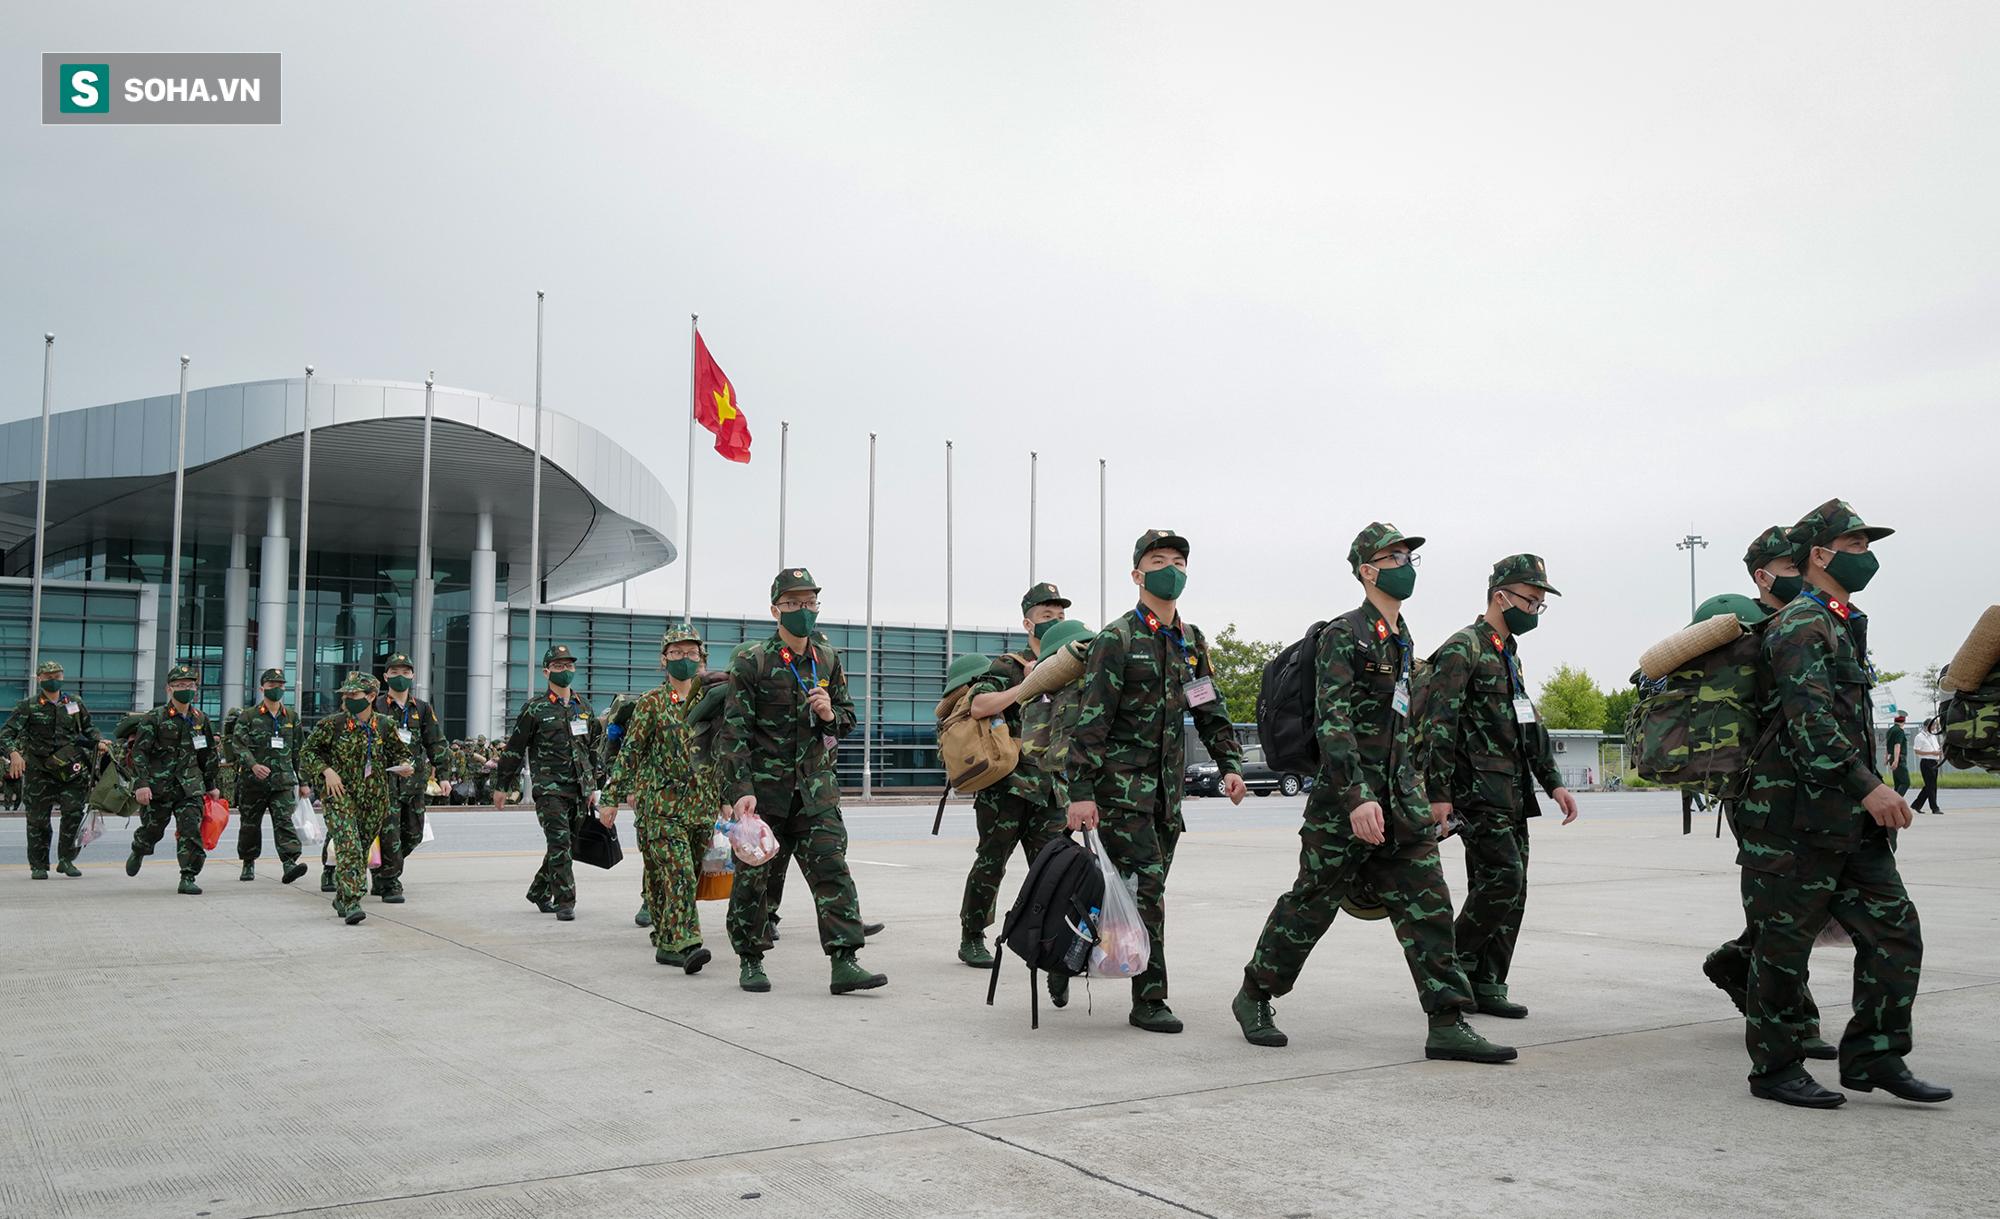 Phó Thủ tướng, Bộ trưởng Quốc phòng cùng hơn 1000 y, bác sĩ lên đường vào TP HCM chống dịch - Ảnh 5.